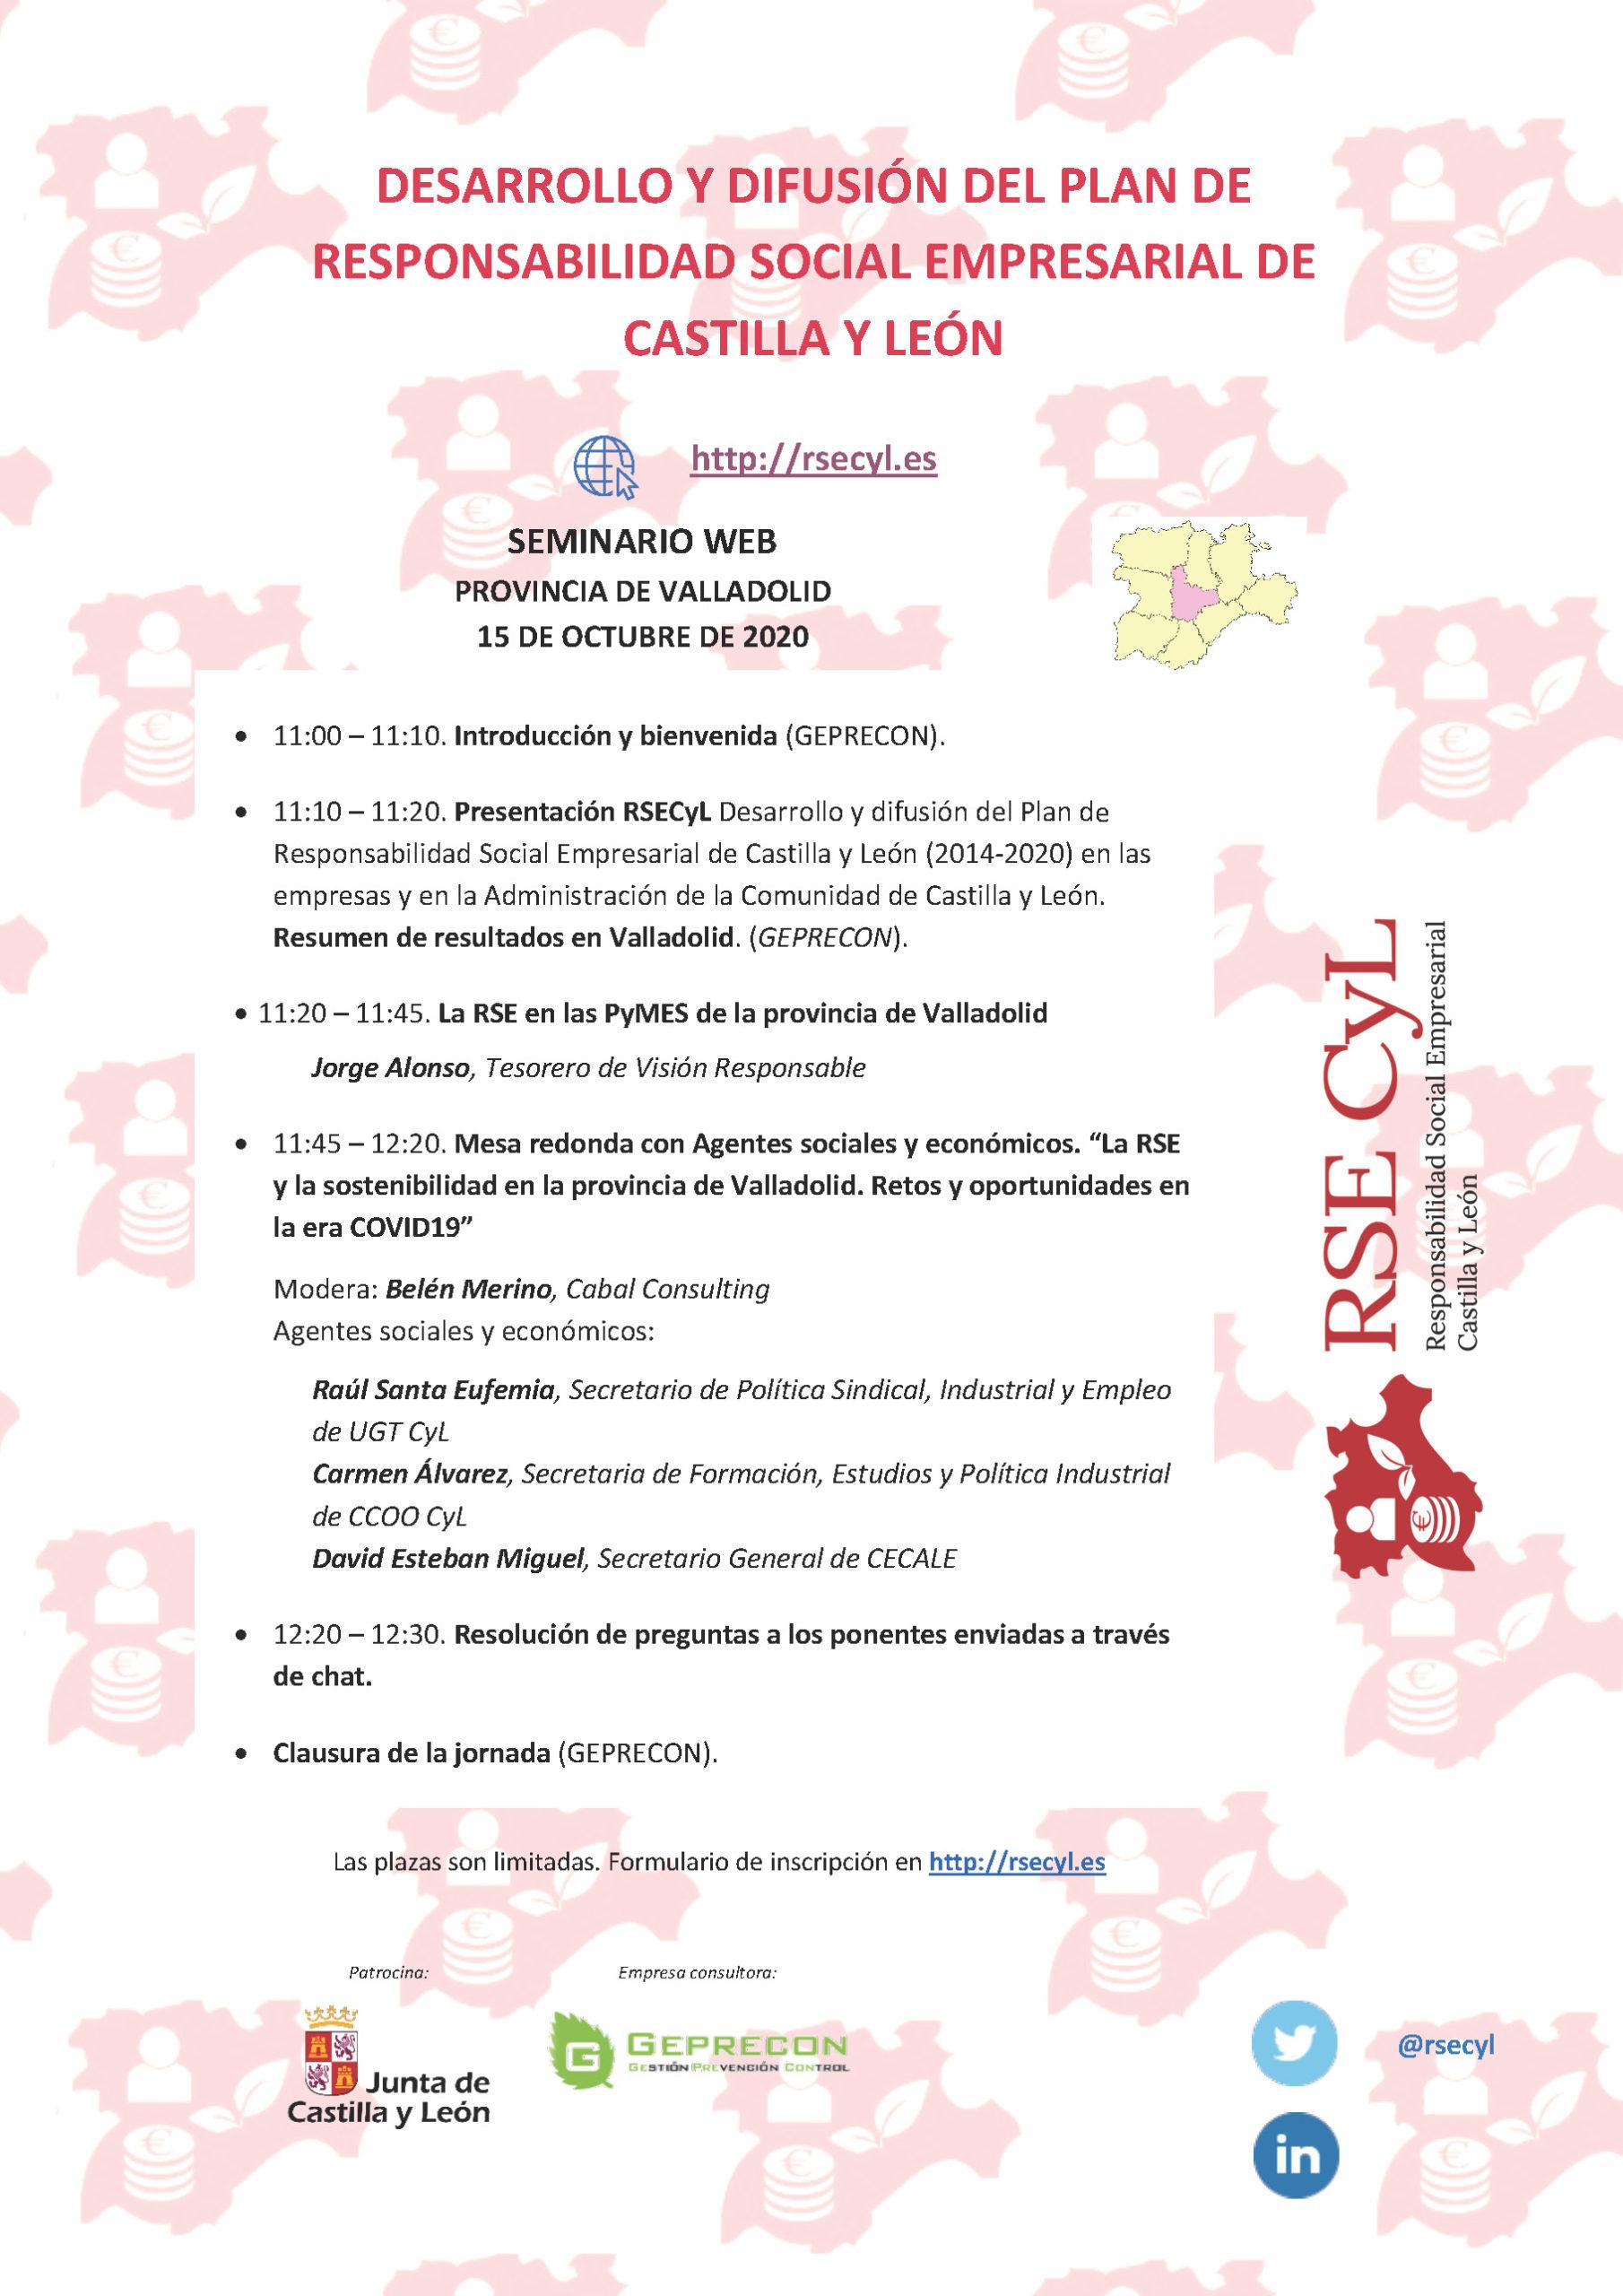 Primera jornada informativa RSECYL 2020: Desarrollo y difusión del plan de RSC de CyL